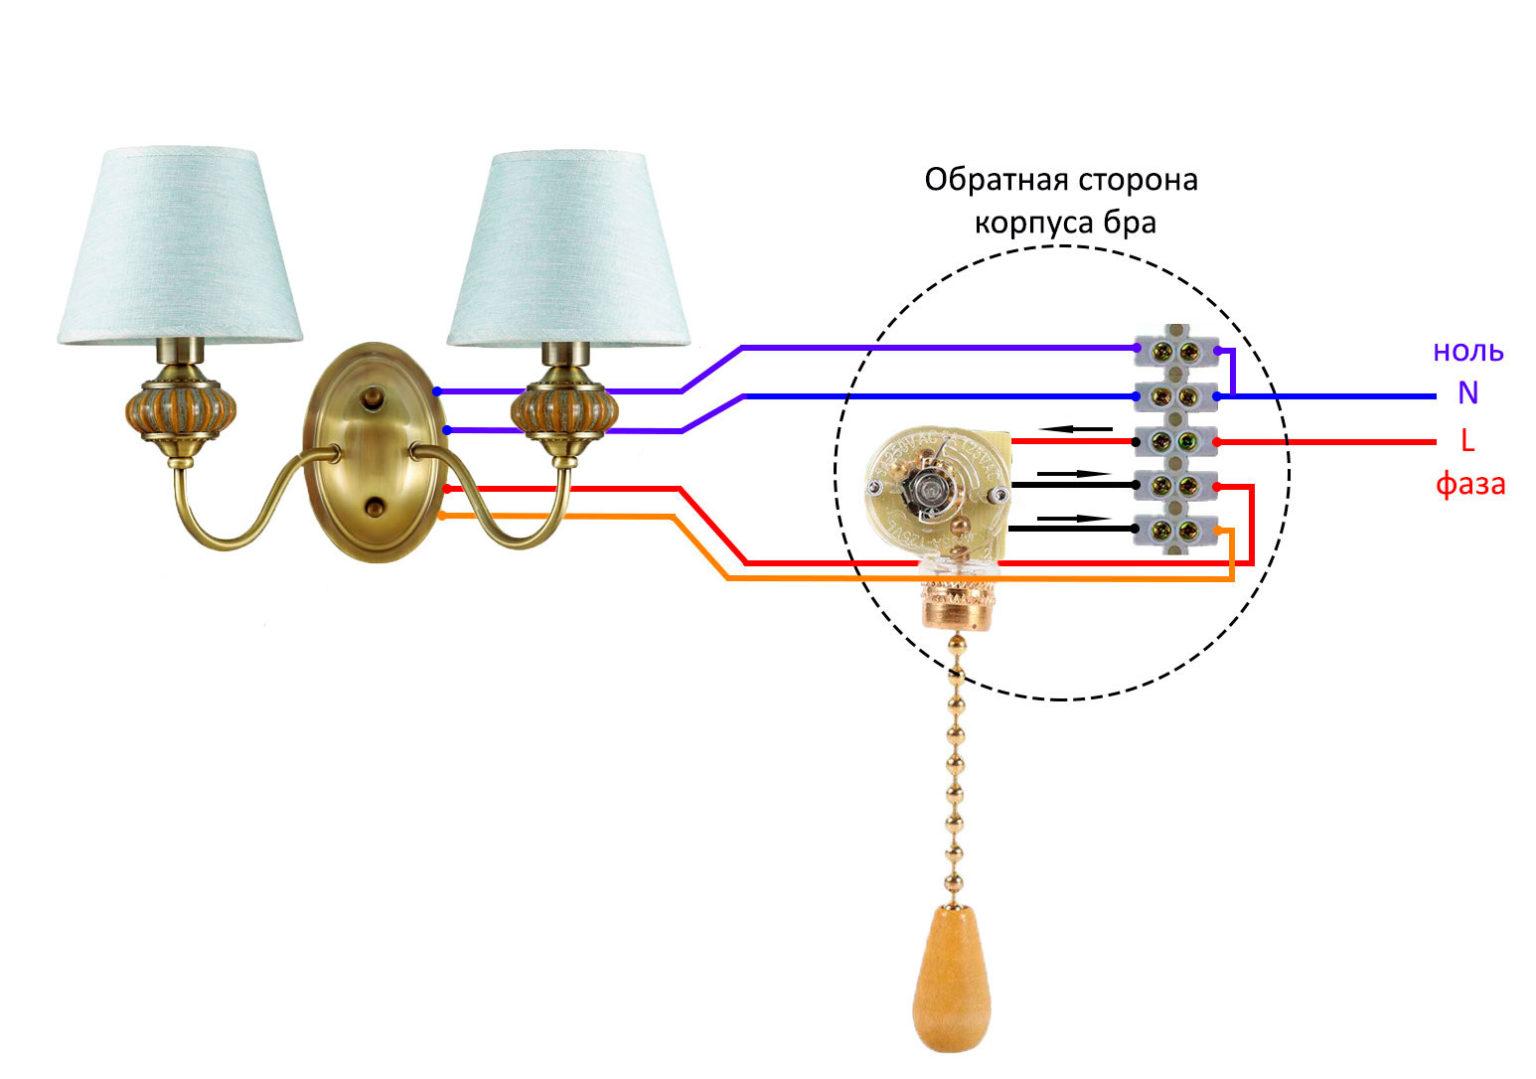 Подключение светильника с картинками